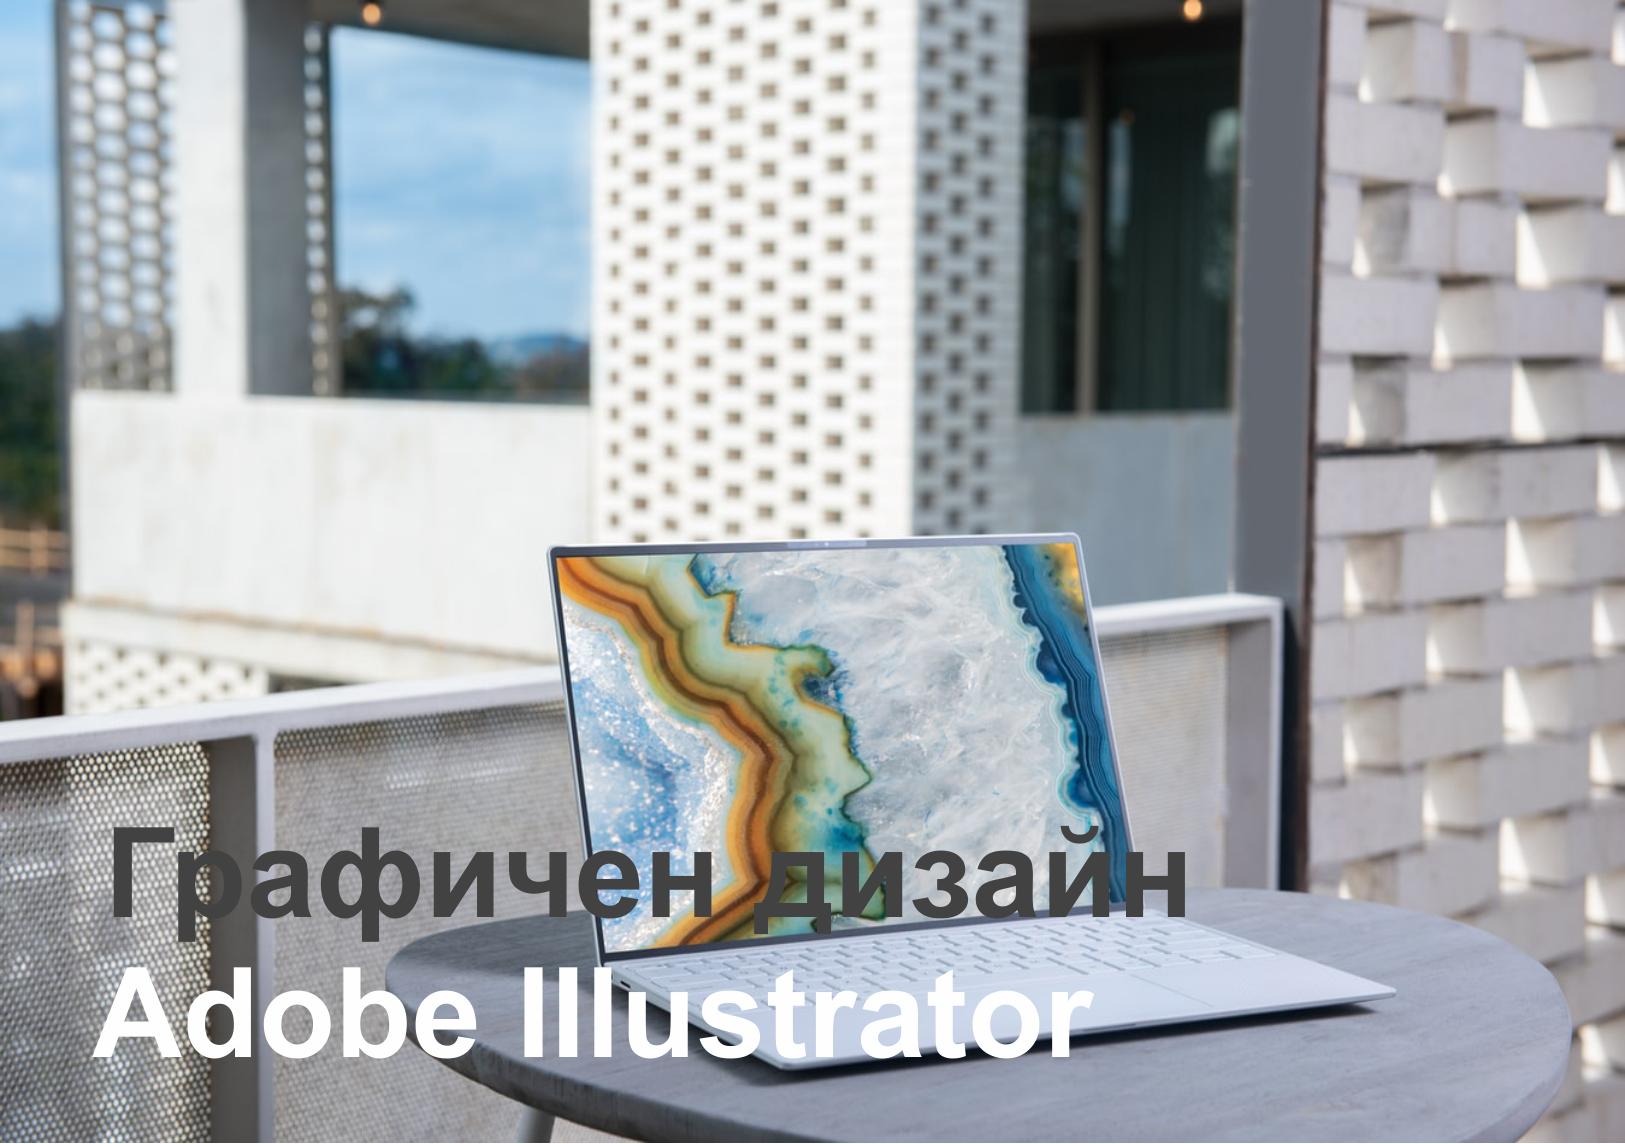 Графичен дизайн с Adobe Illustrator